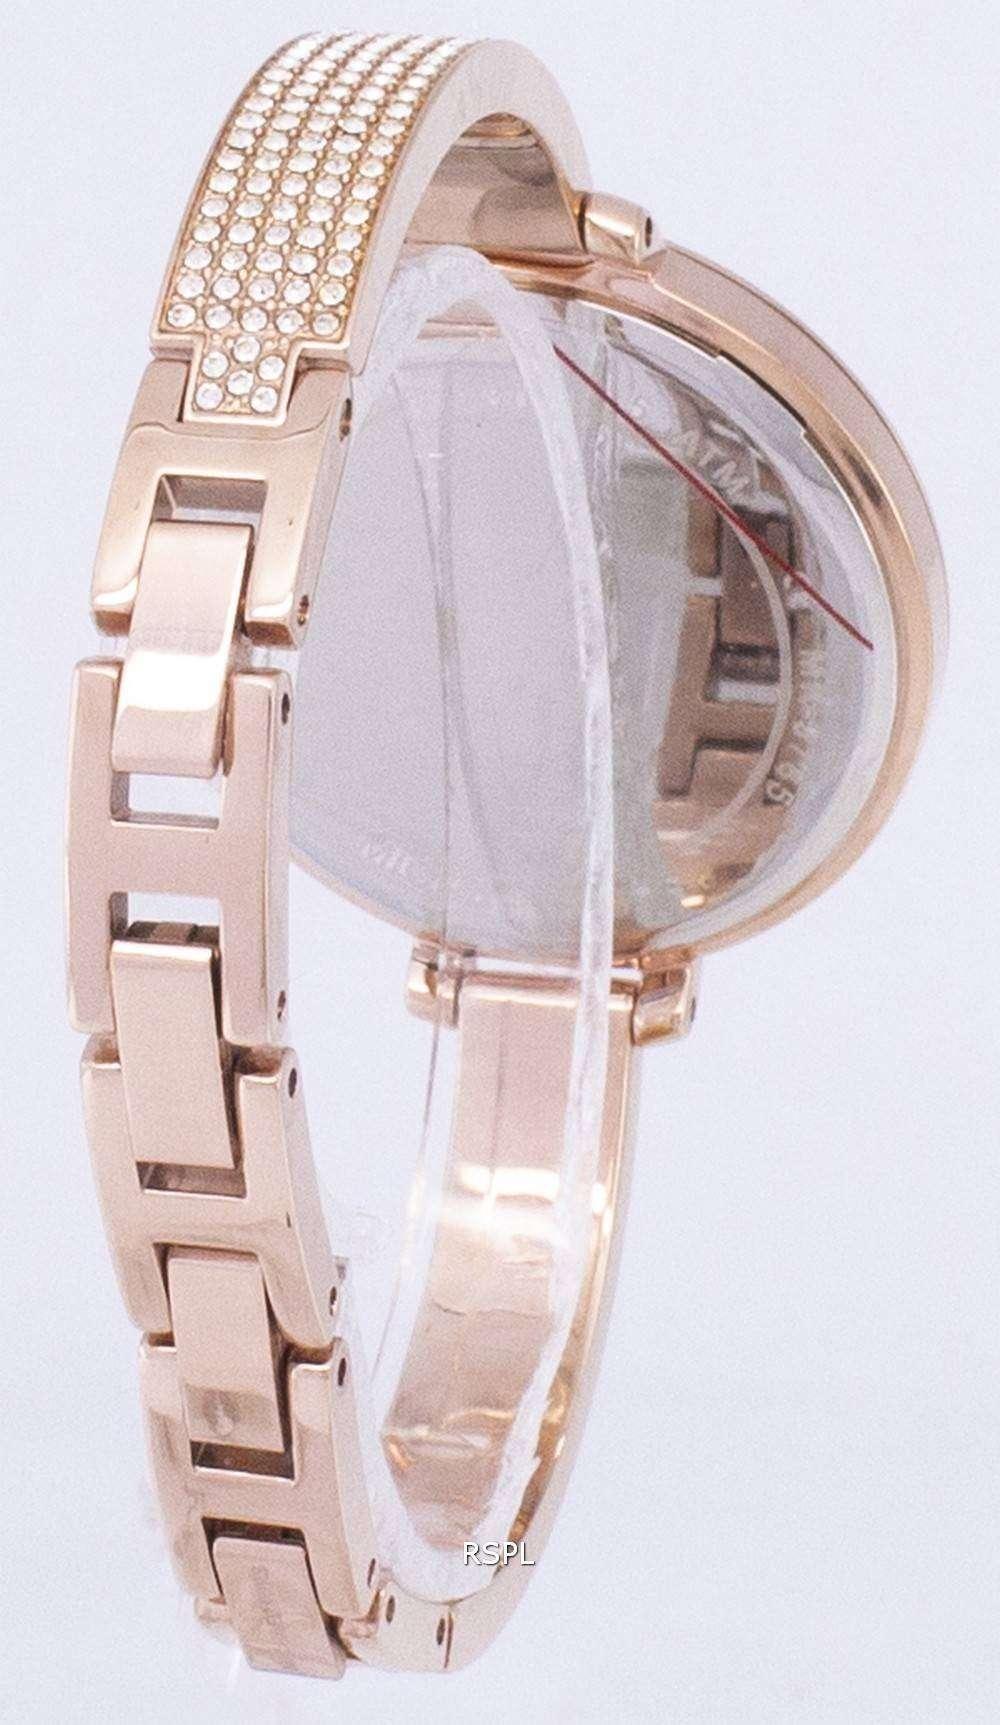 7c5f02fda521 Michael Kors Jaryn Quartz Diamond Accents MK3785 Women s Watch ...